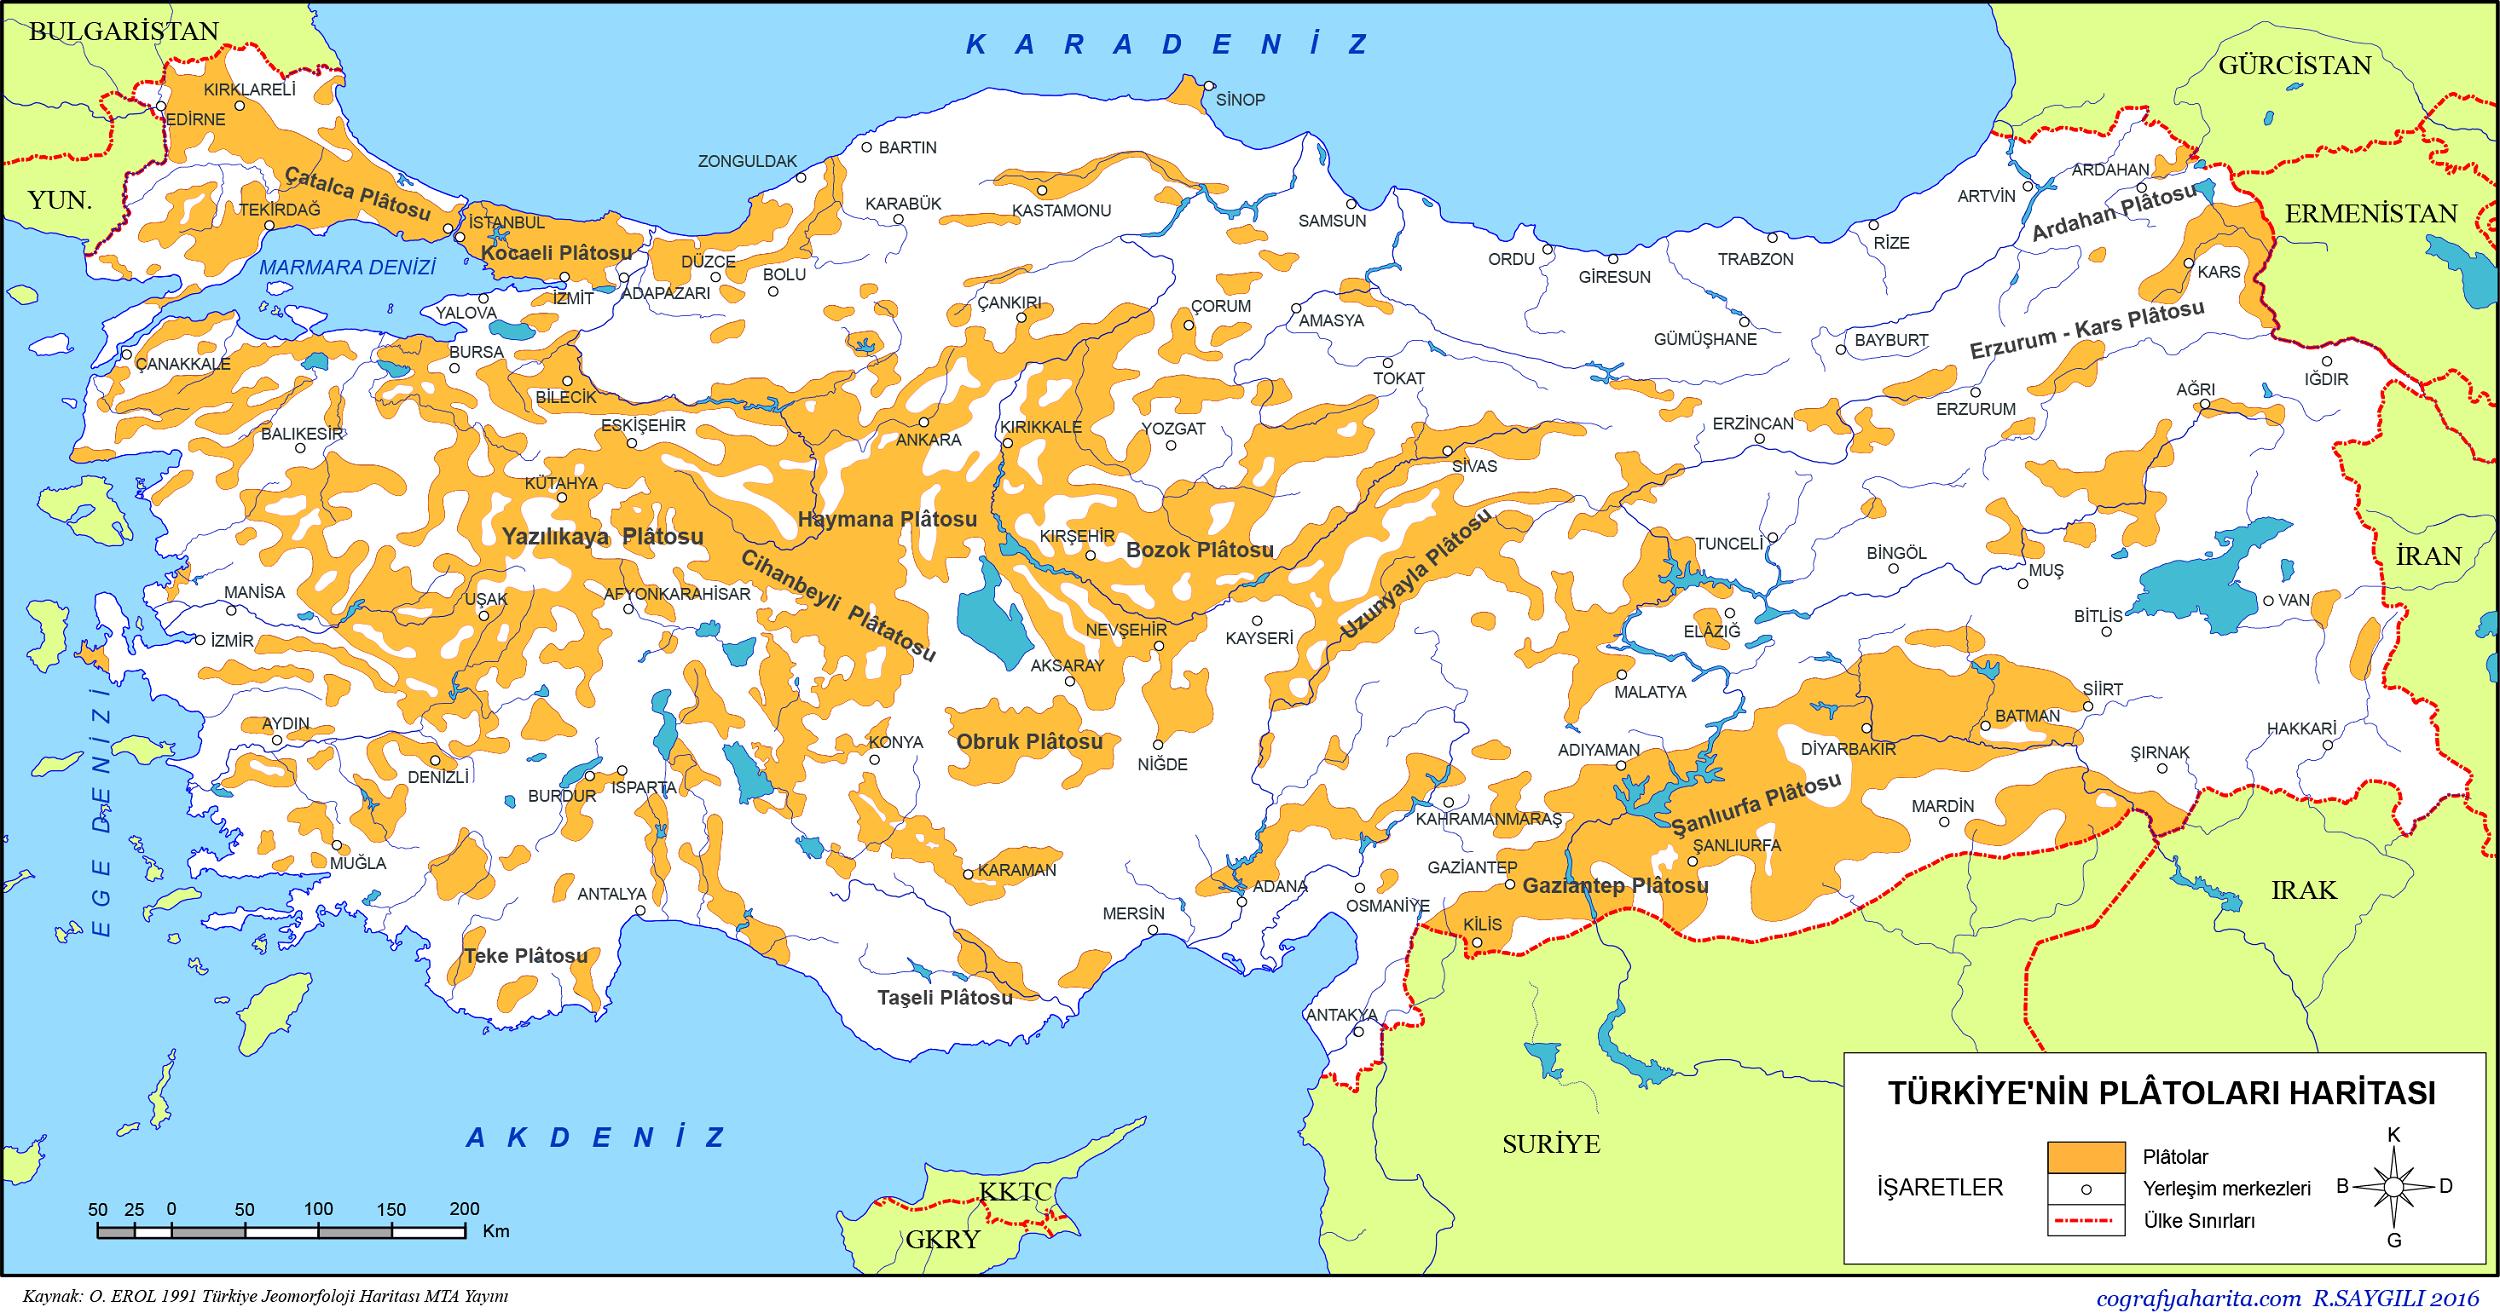 Türkiye'nin Plâtoları Haritası 2